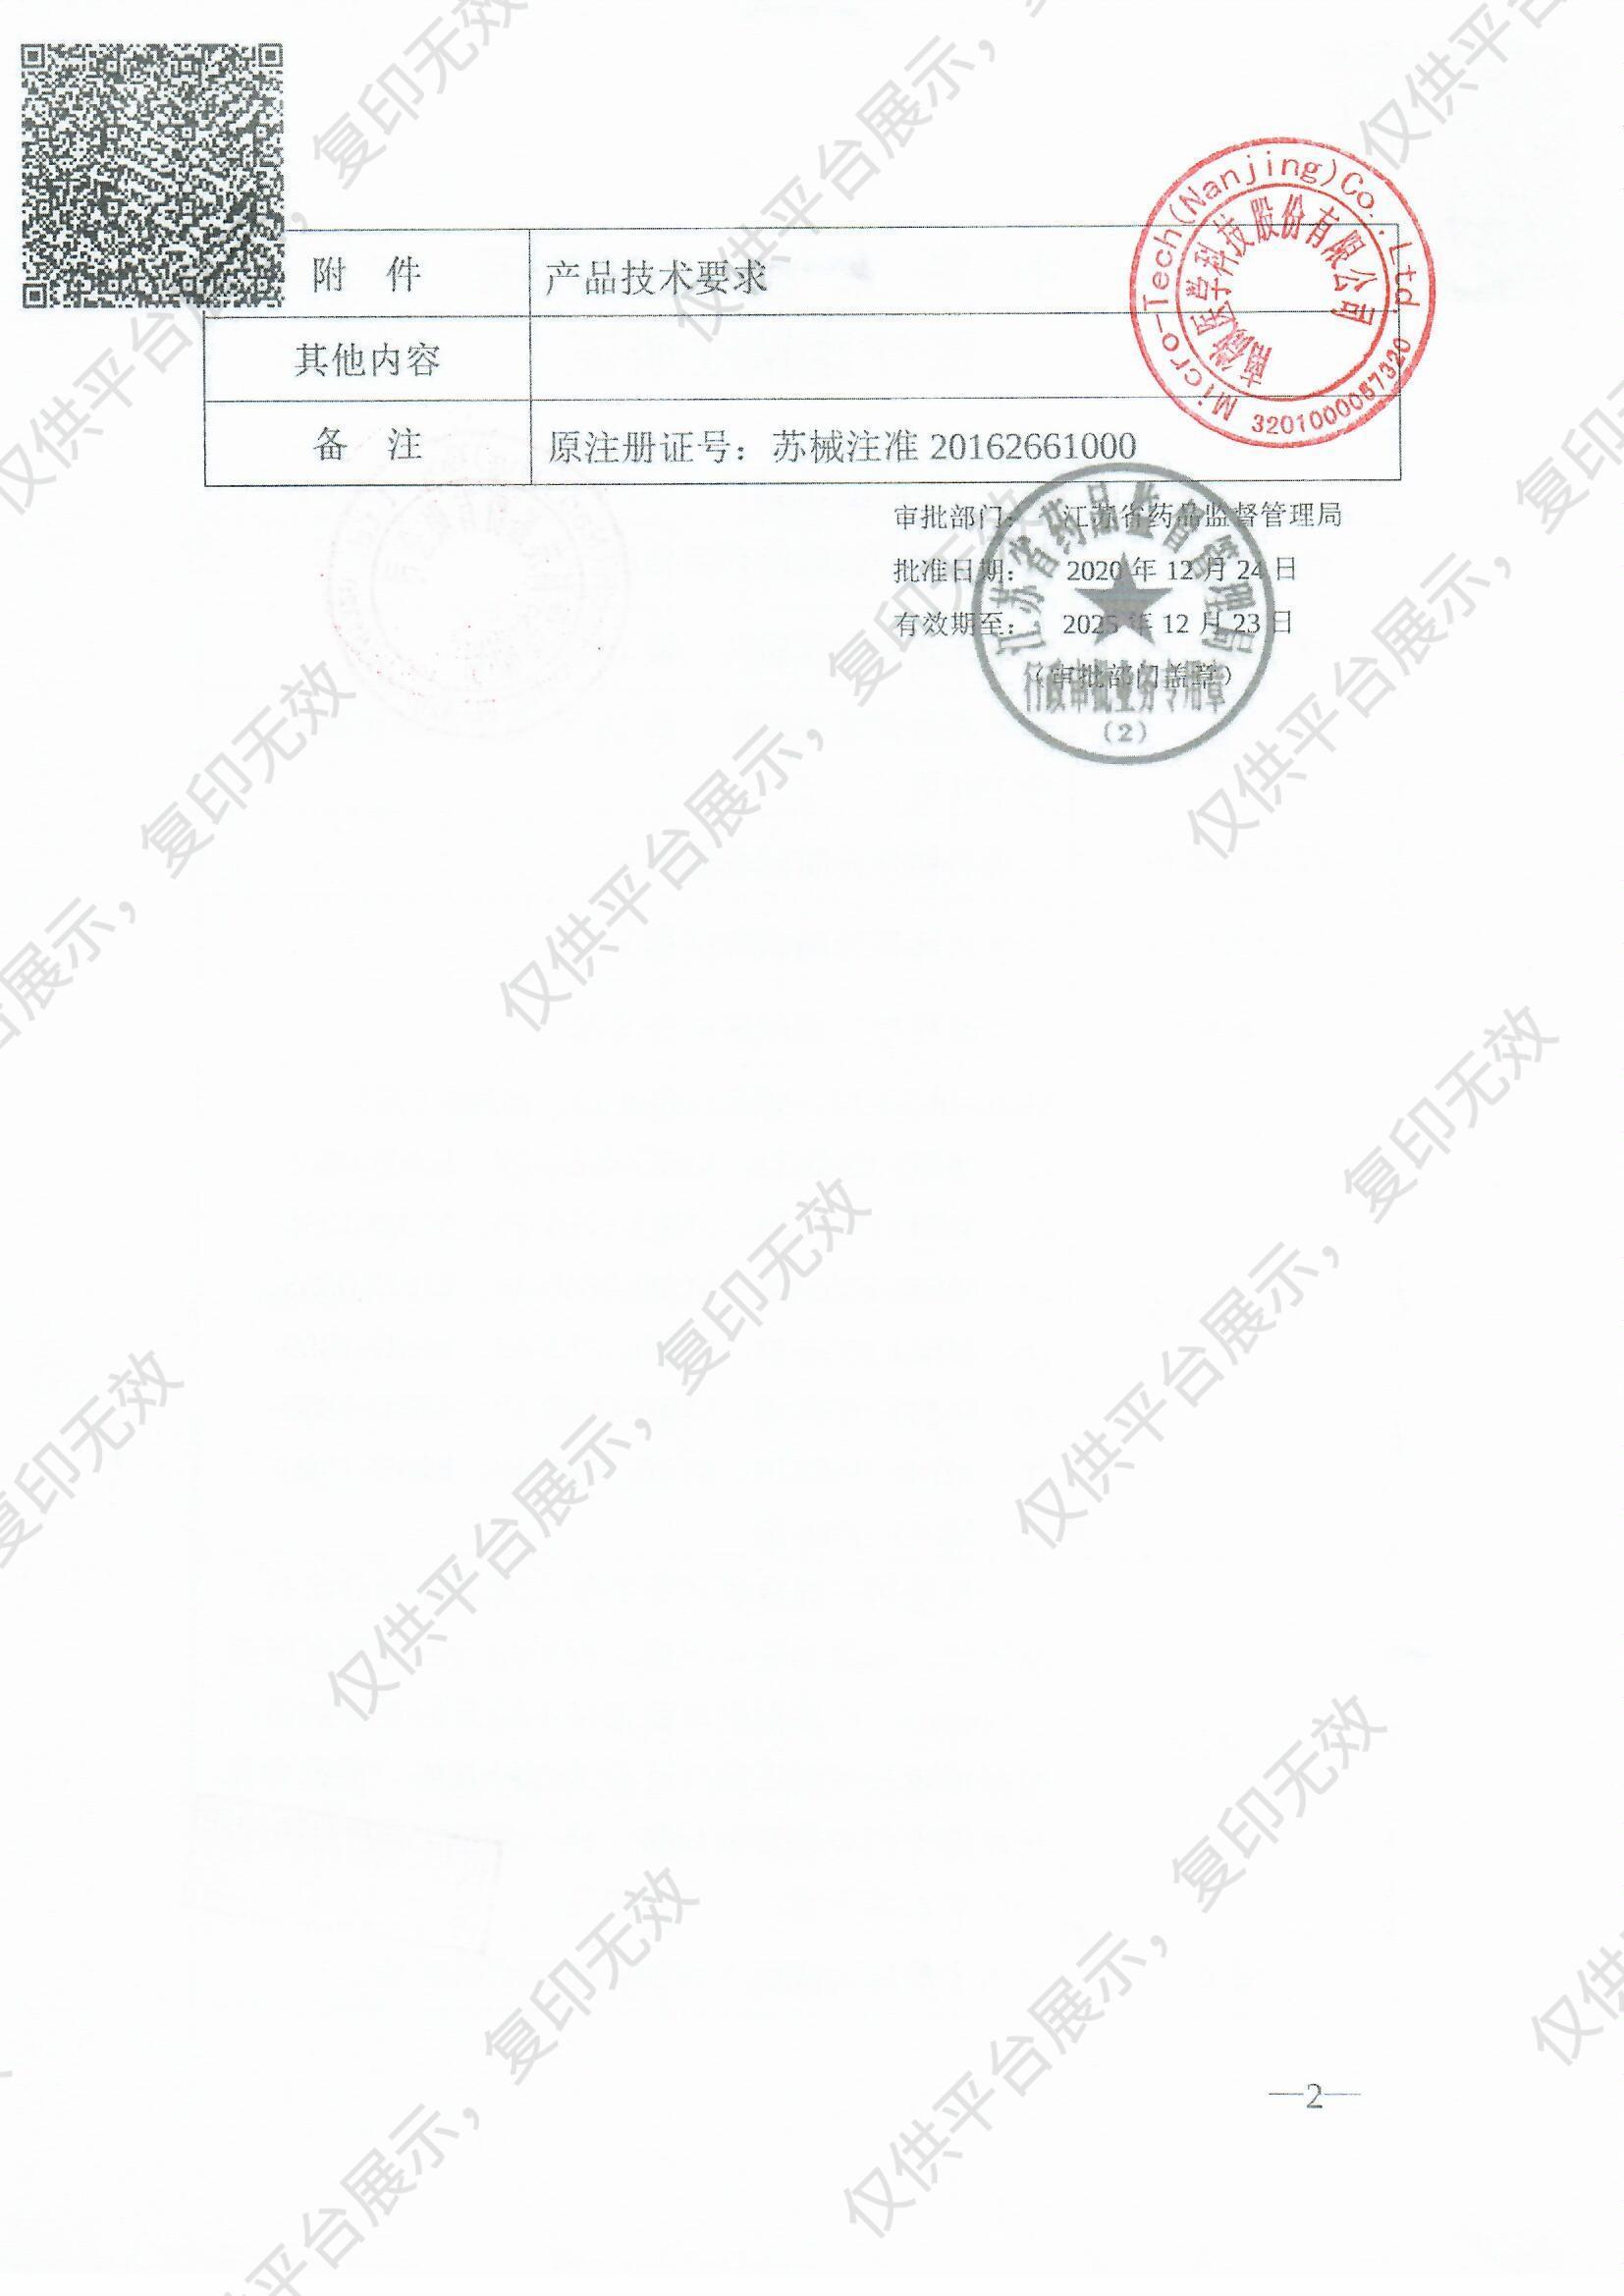 南京微创 一次性使用三级球囊扩张导管 15-16.5-18 (100个/箱)注册证